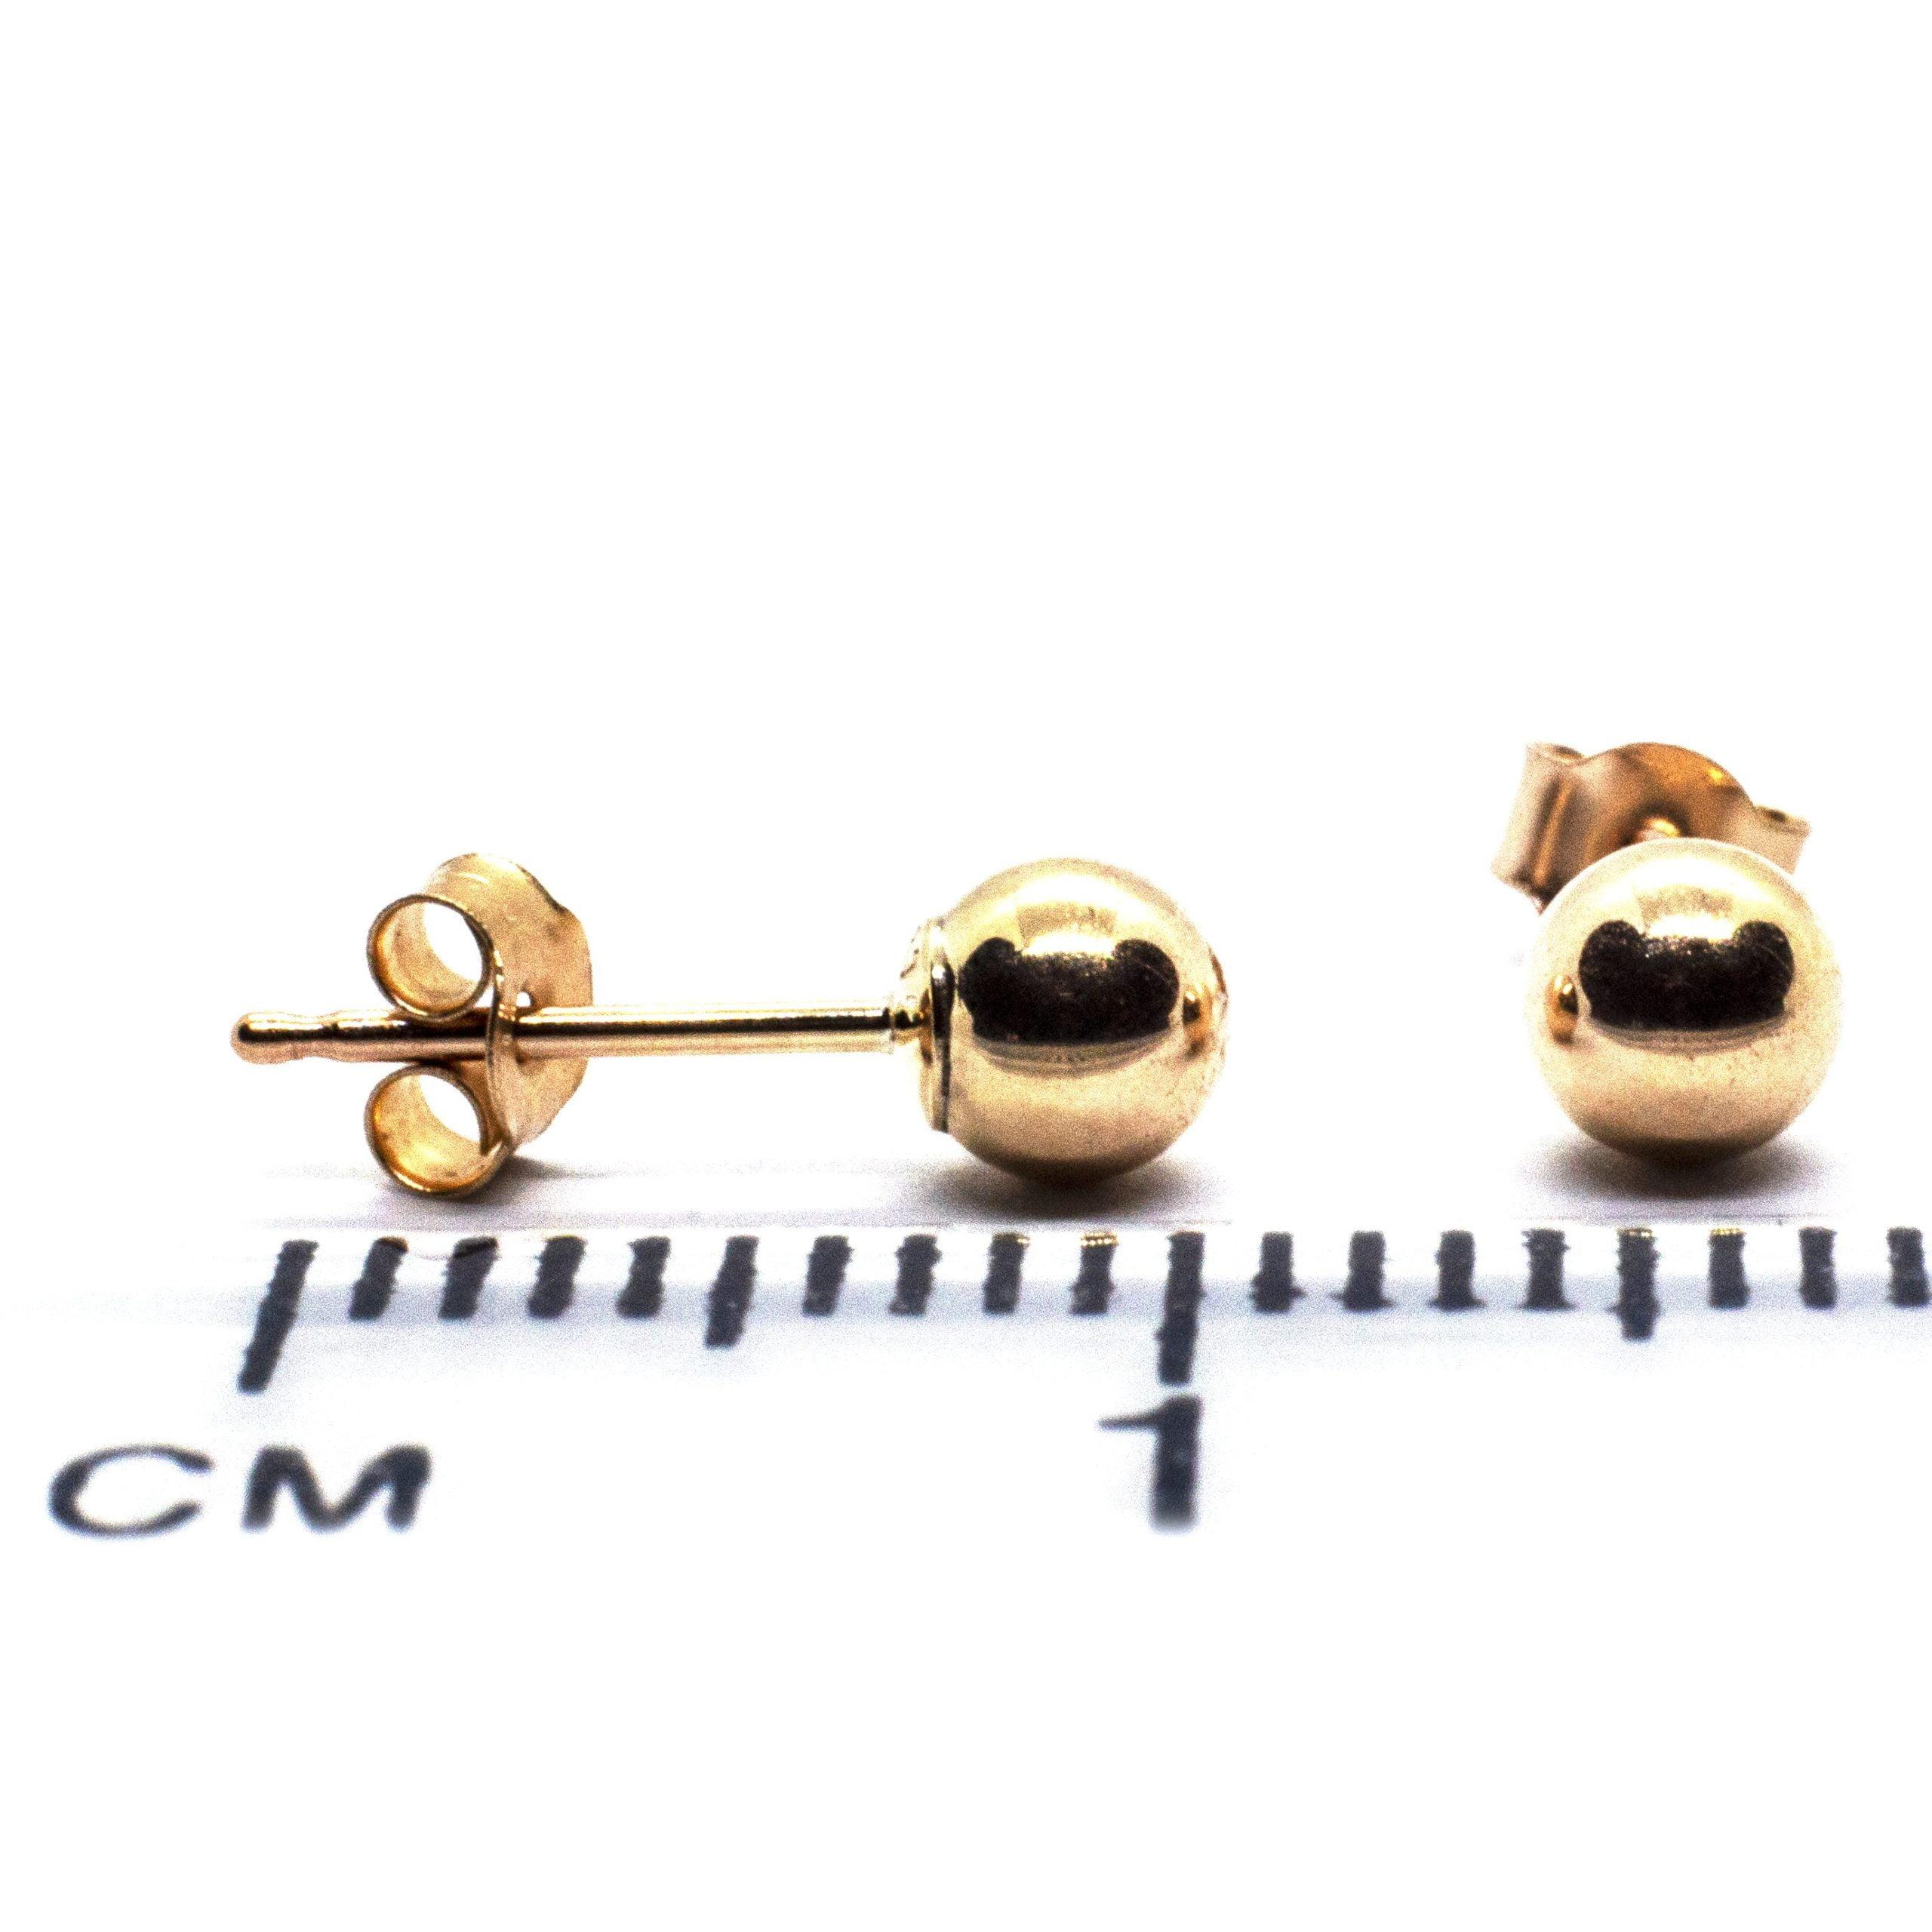 4mm 9ct gold ball earrings ruler